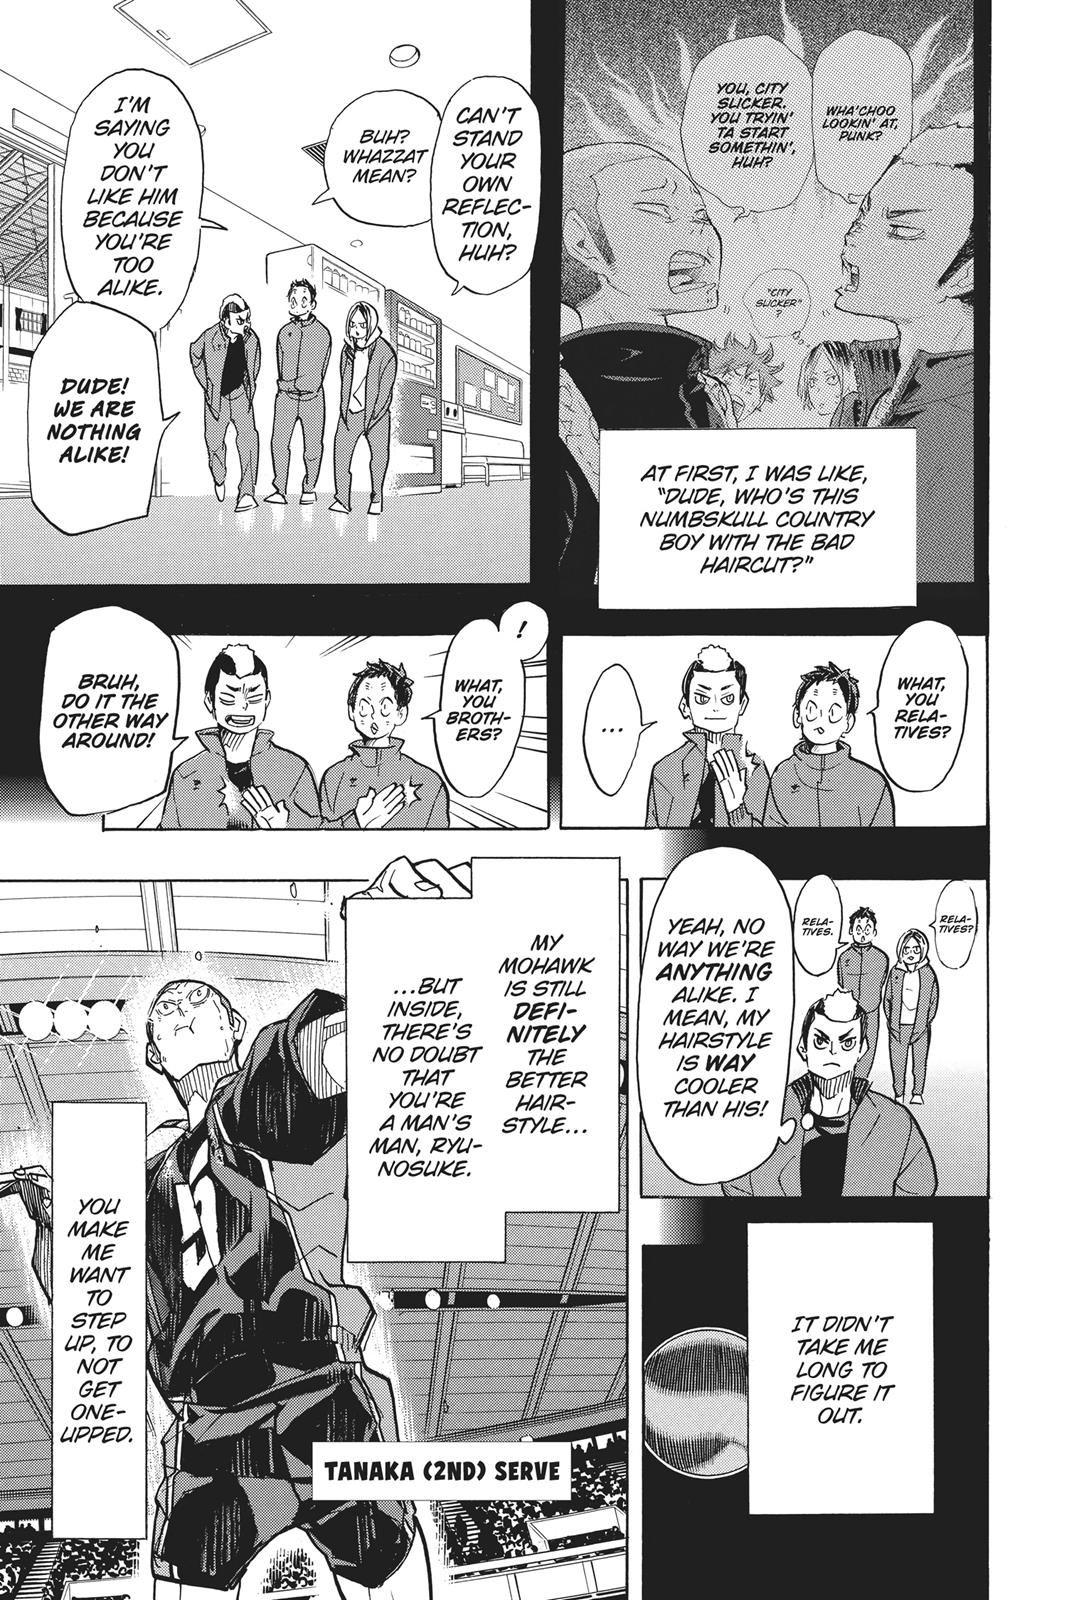 Haikyuu chapter 309 read haikyuu manga online in 2020